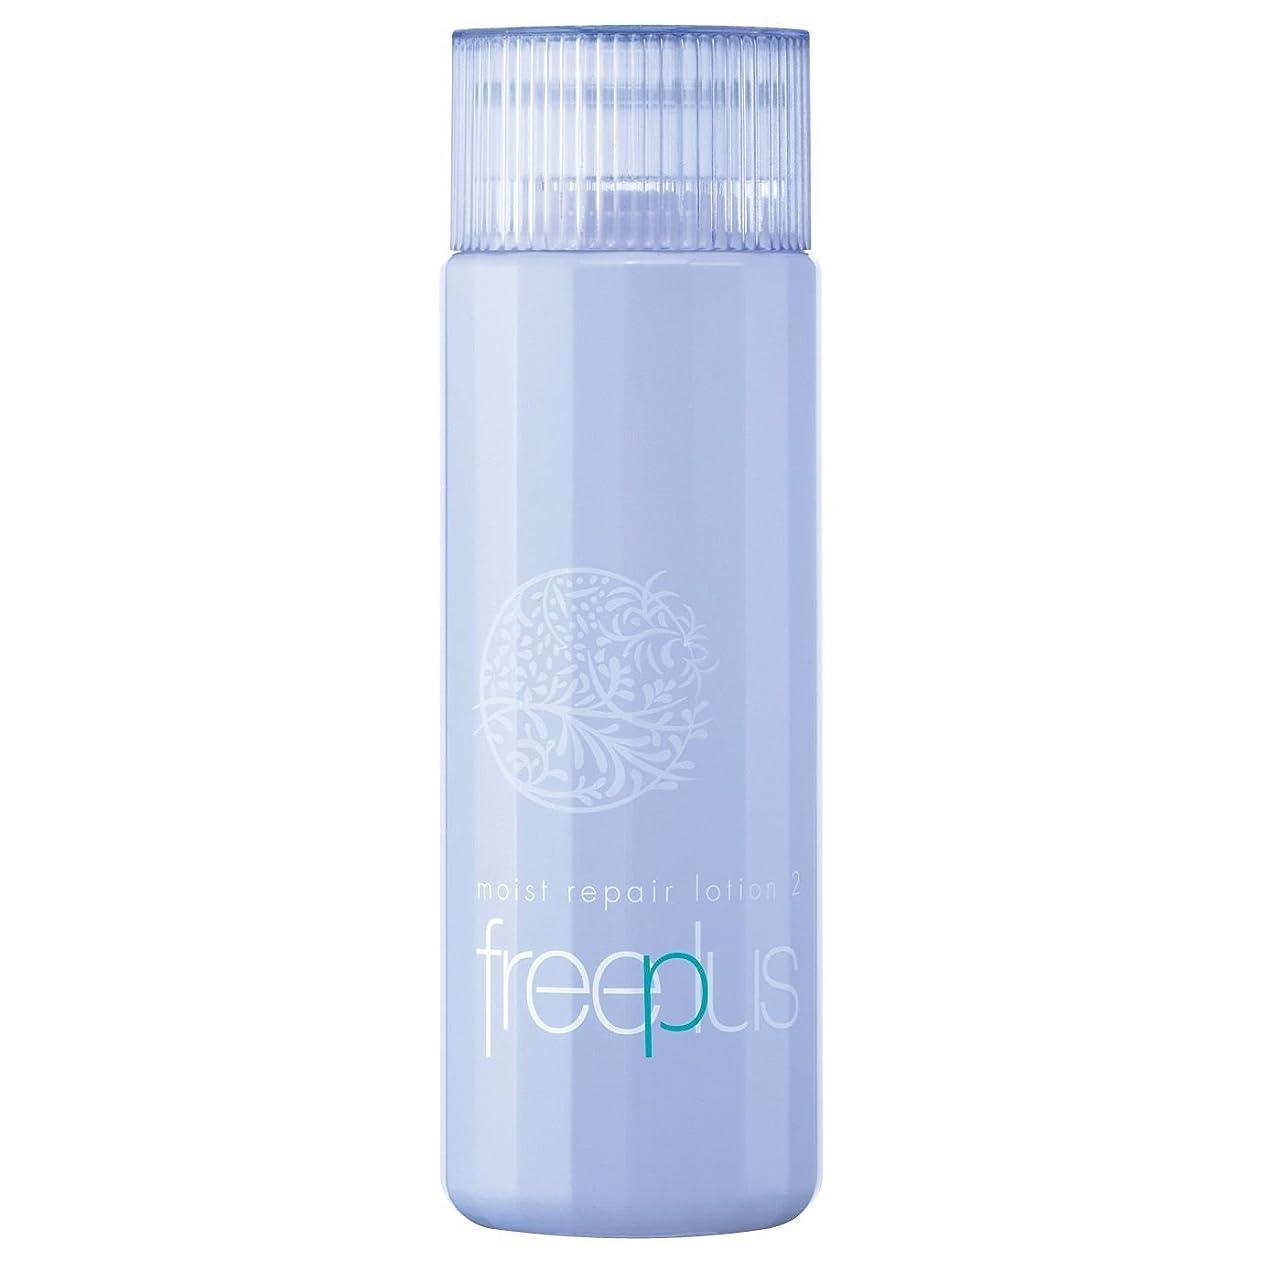 詩人何故なのコインランドリーフリープラス モイストリペアローション2(しっとりタイプ)(化粧水)